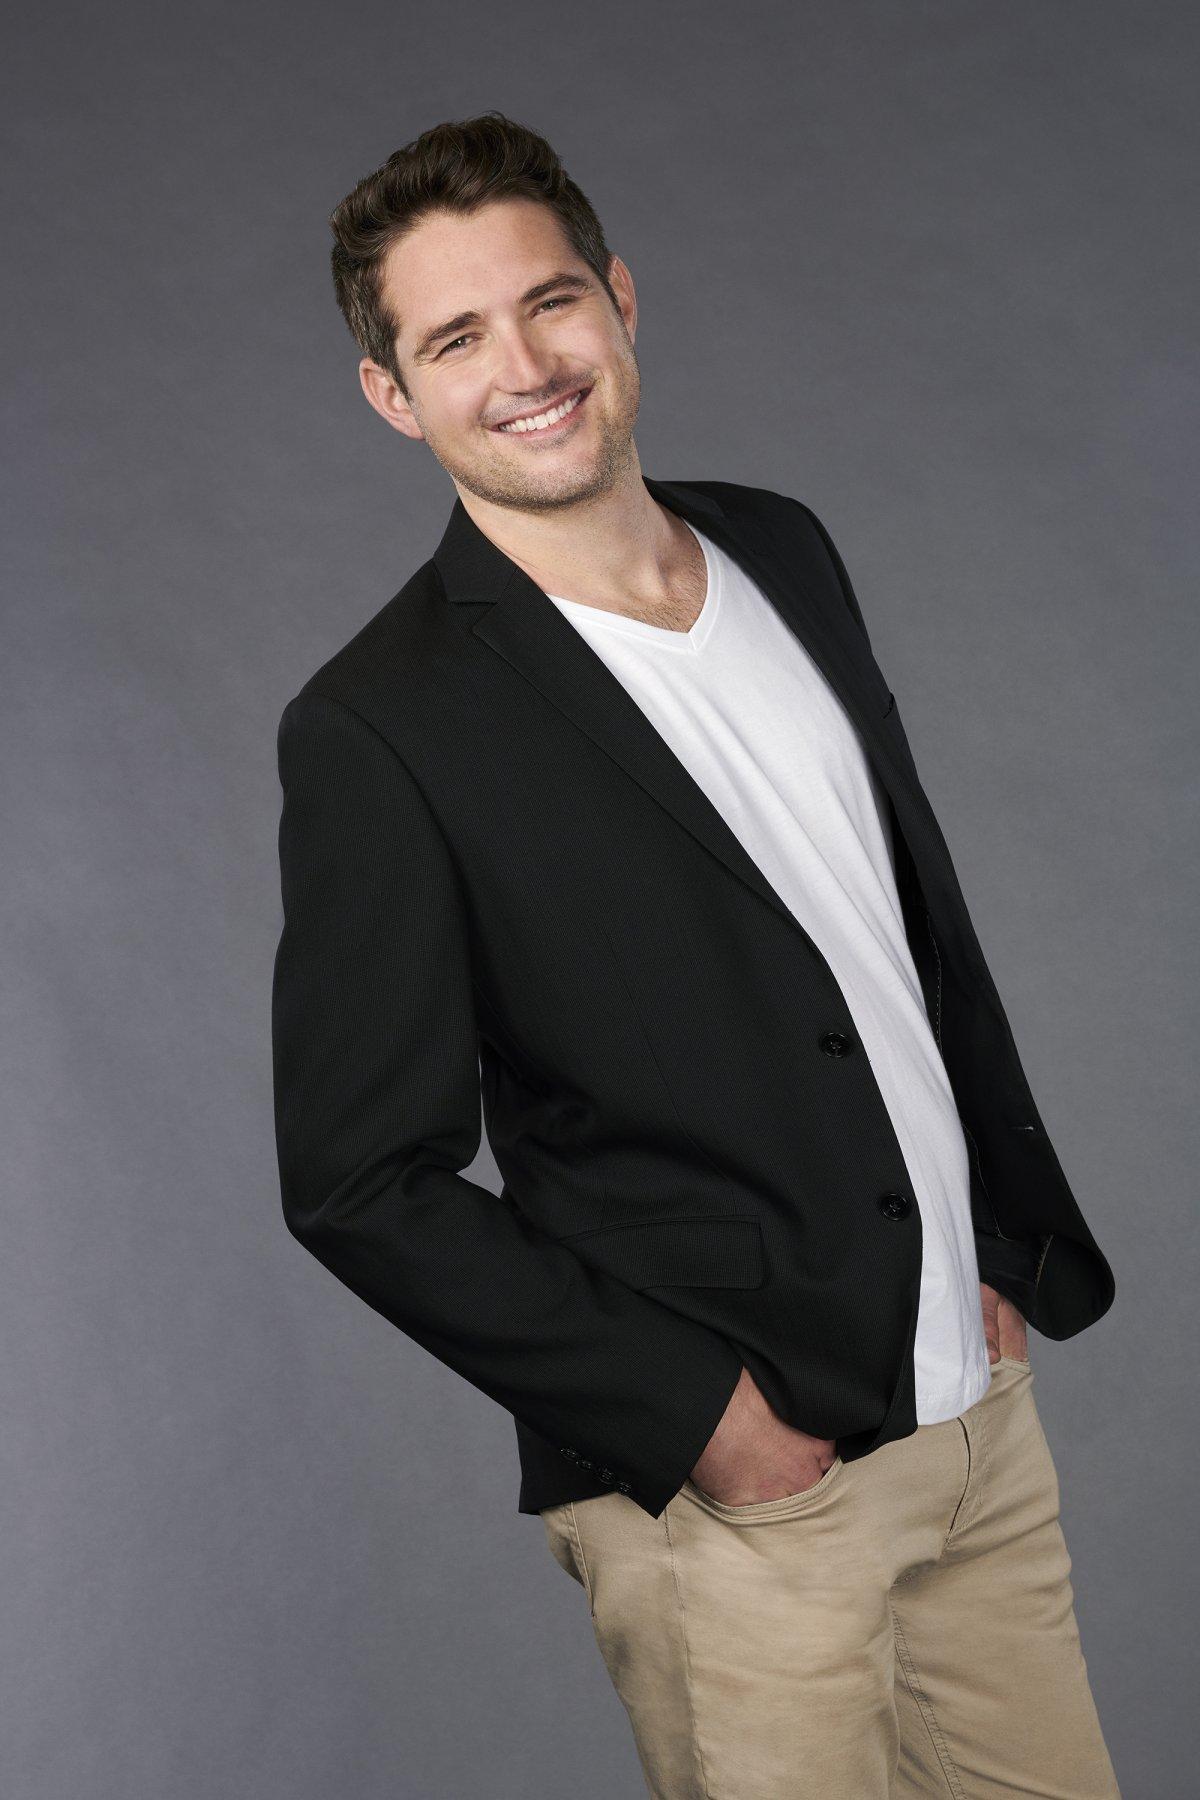 Grant Eckel